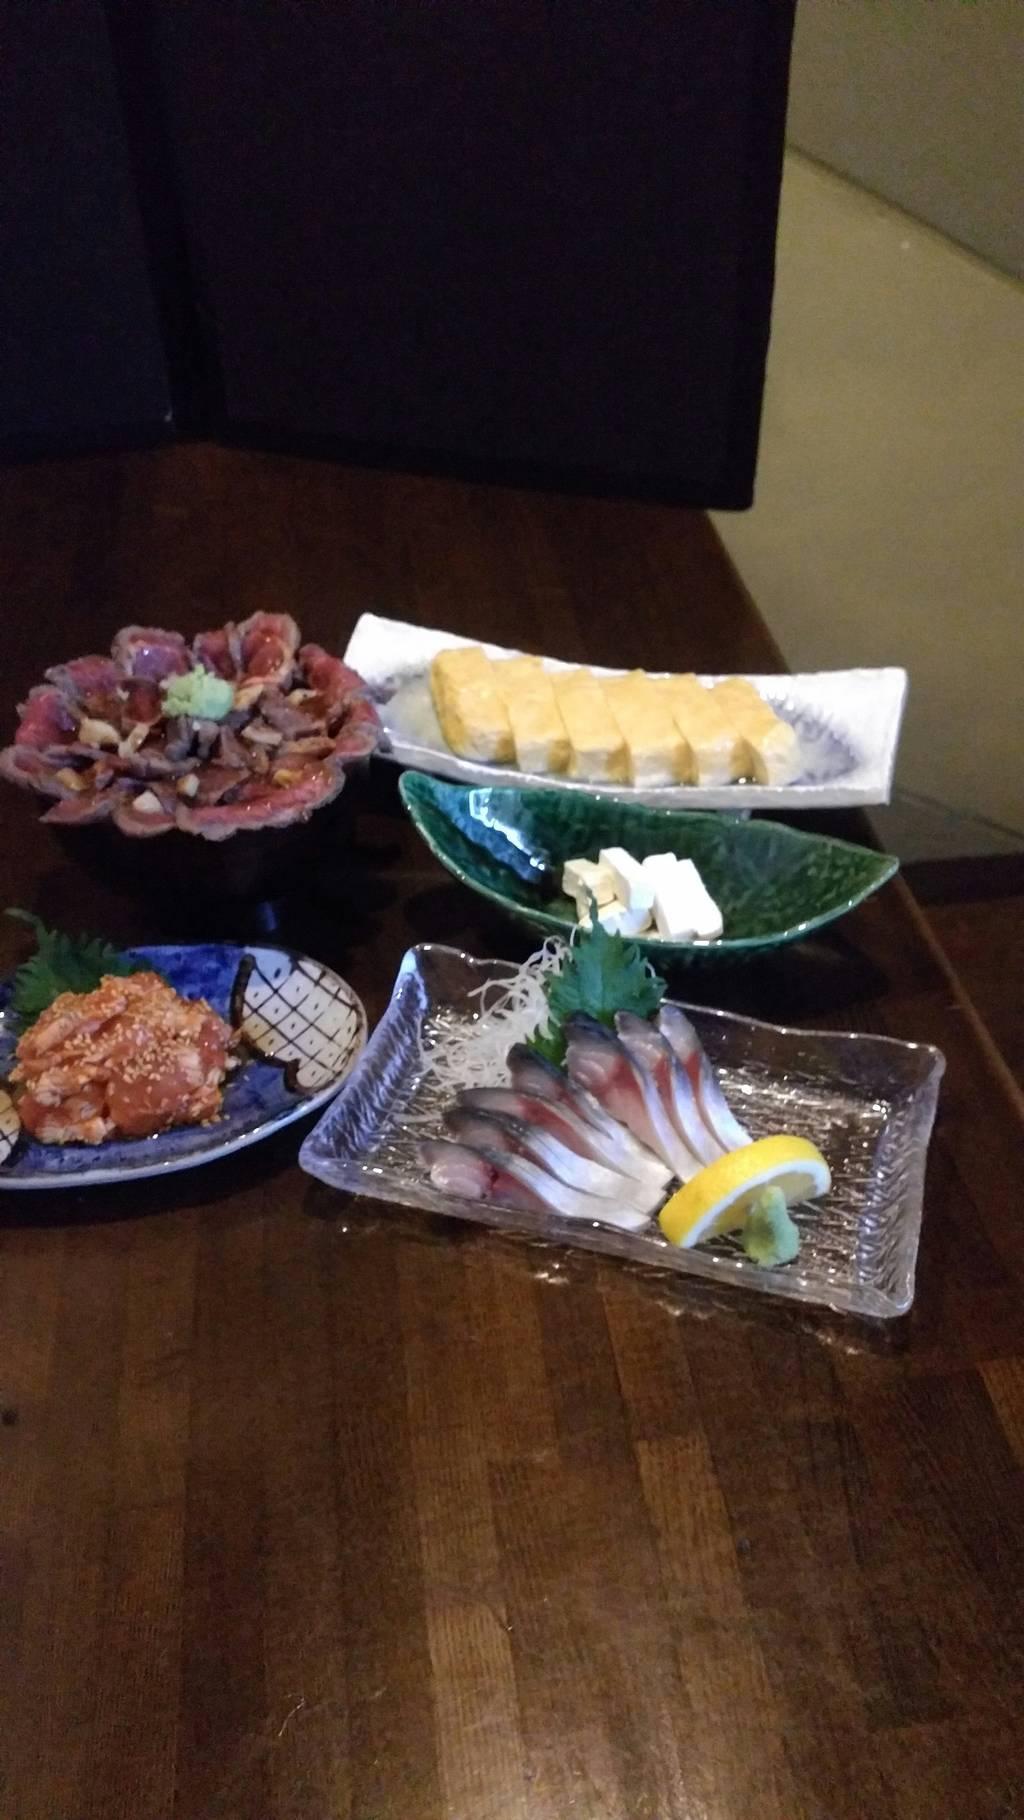 しめたてしめ鯖、出汁巻き玉子、牛たたき丼、ささ身たたきキムチ和え、自家製クリームチーズ純米酒粕漬け